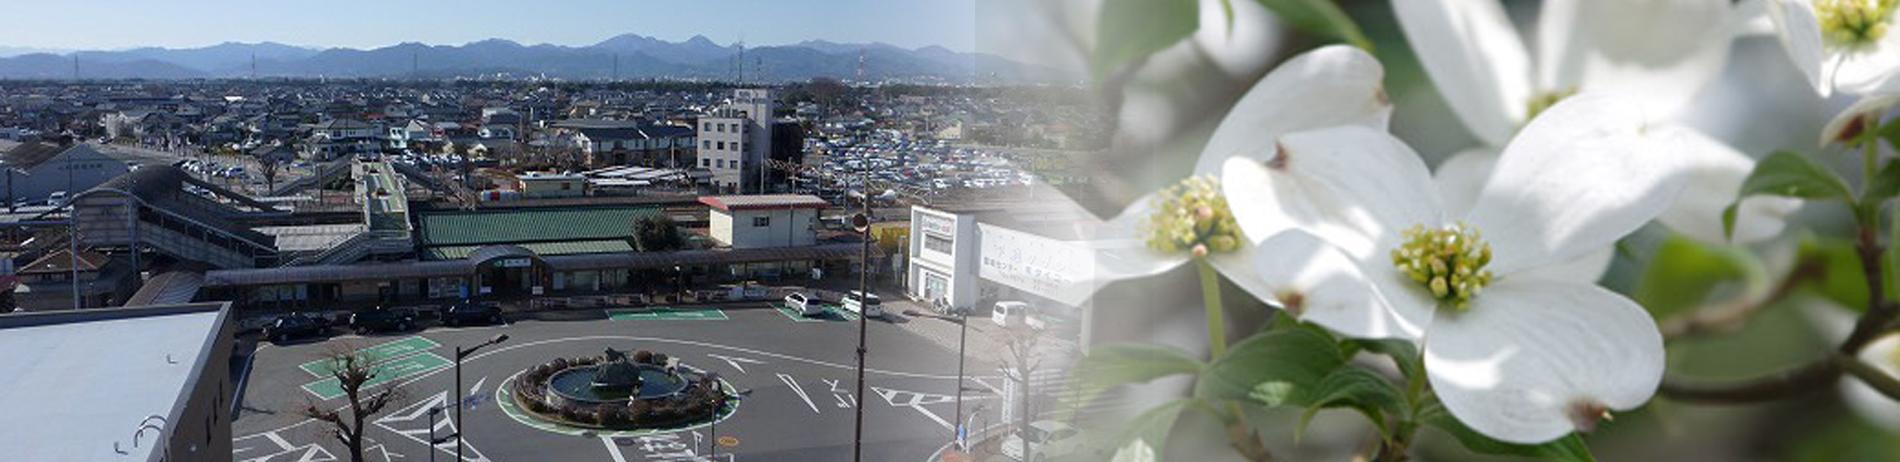 高崎市新町~群馬の南の玄関ここから新しい風が吹く